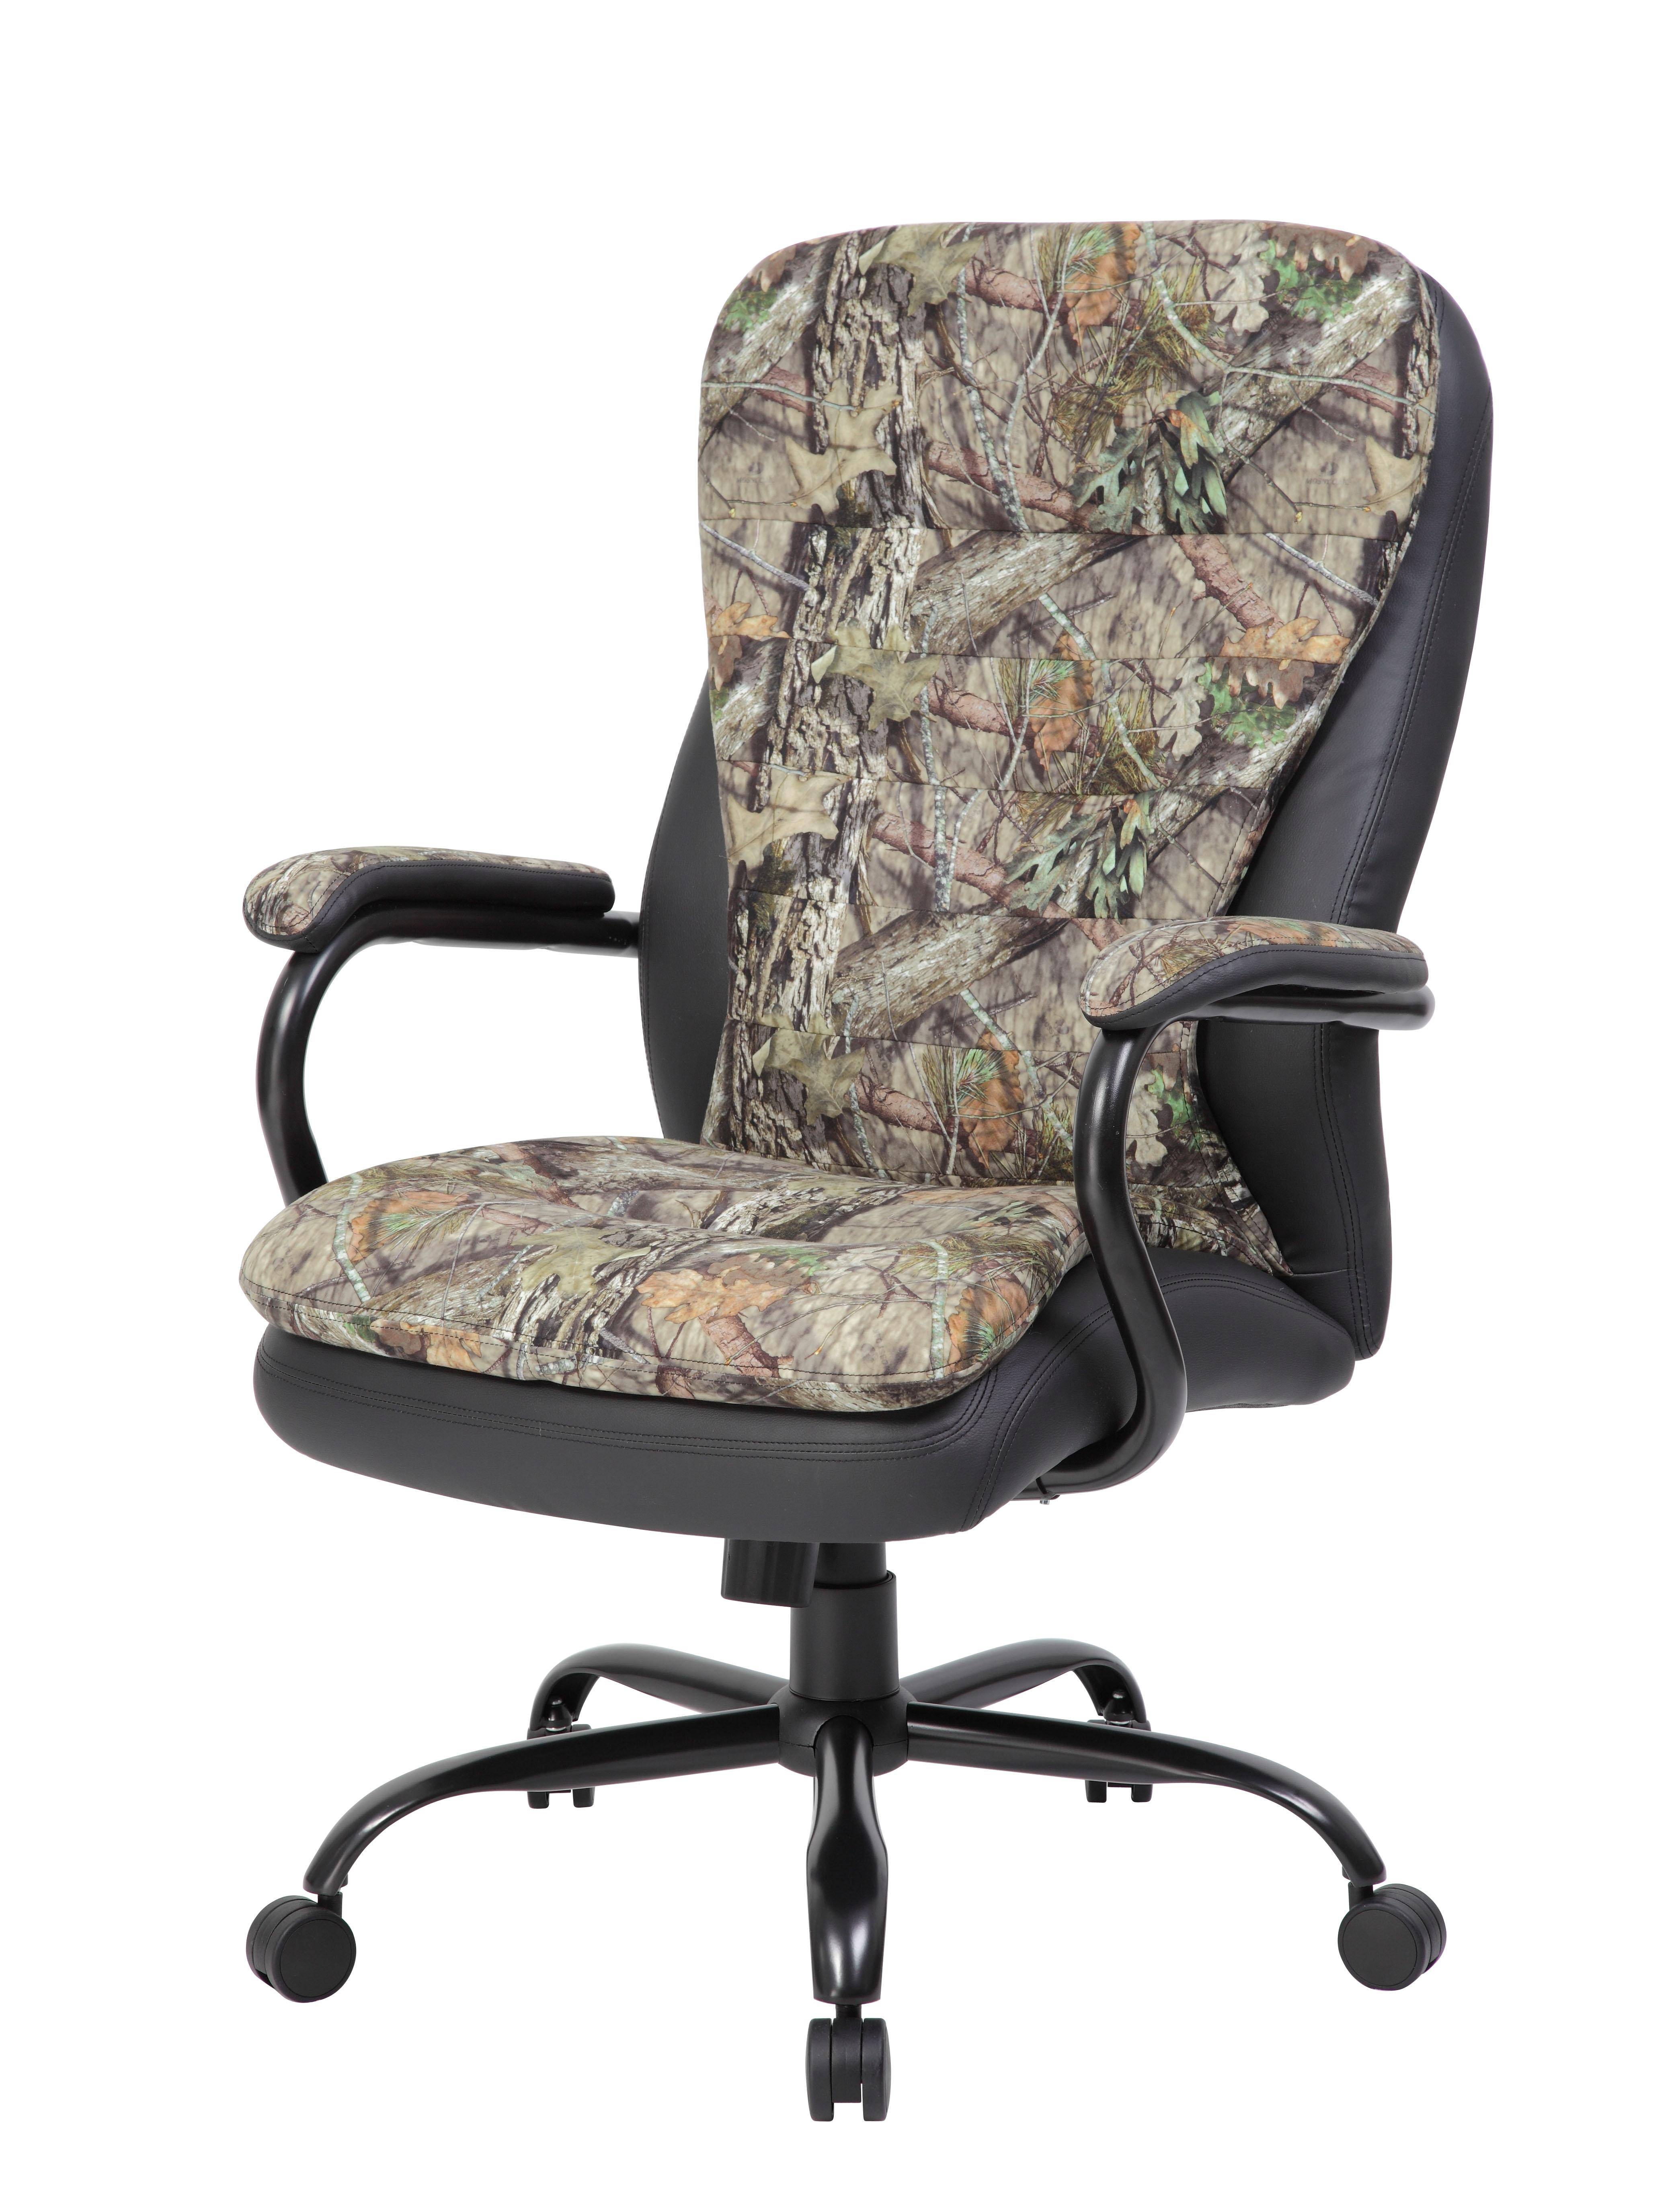 Boss Heavy Duty Double Plush Mossy Oak Chair 400 Lbs